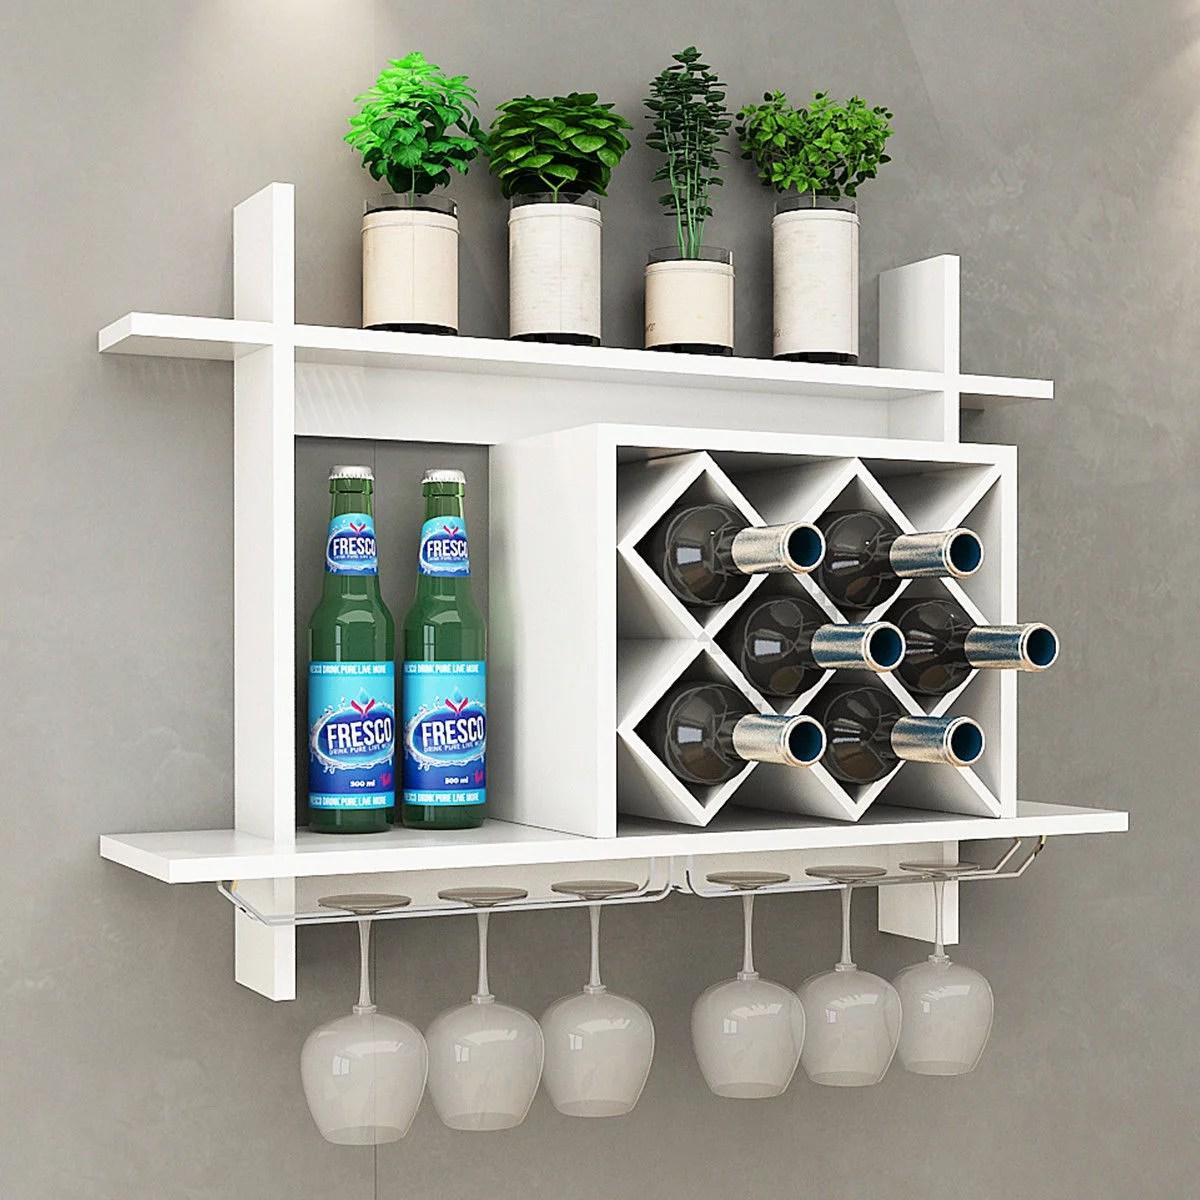 gymax wall mount wine rack w glass holder storage shelf organizer home decor white